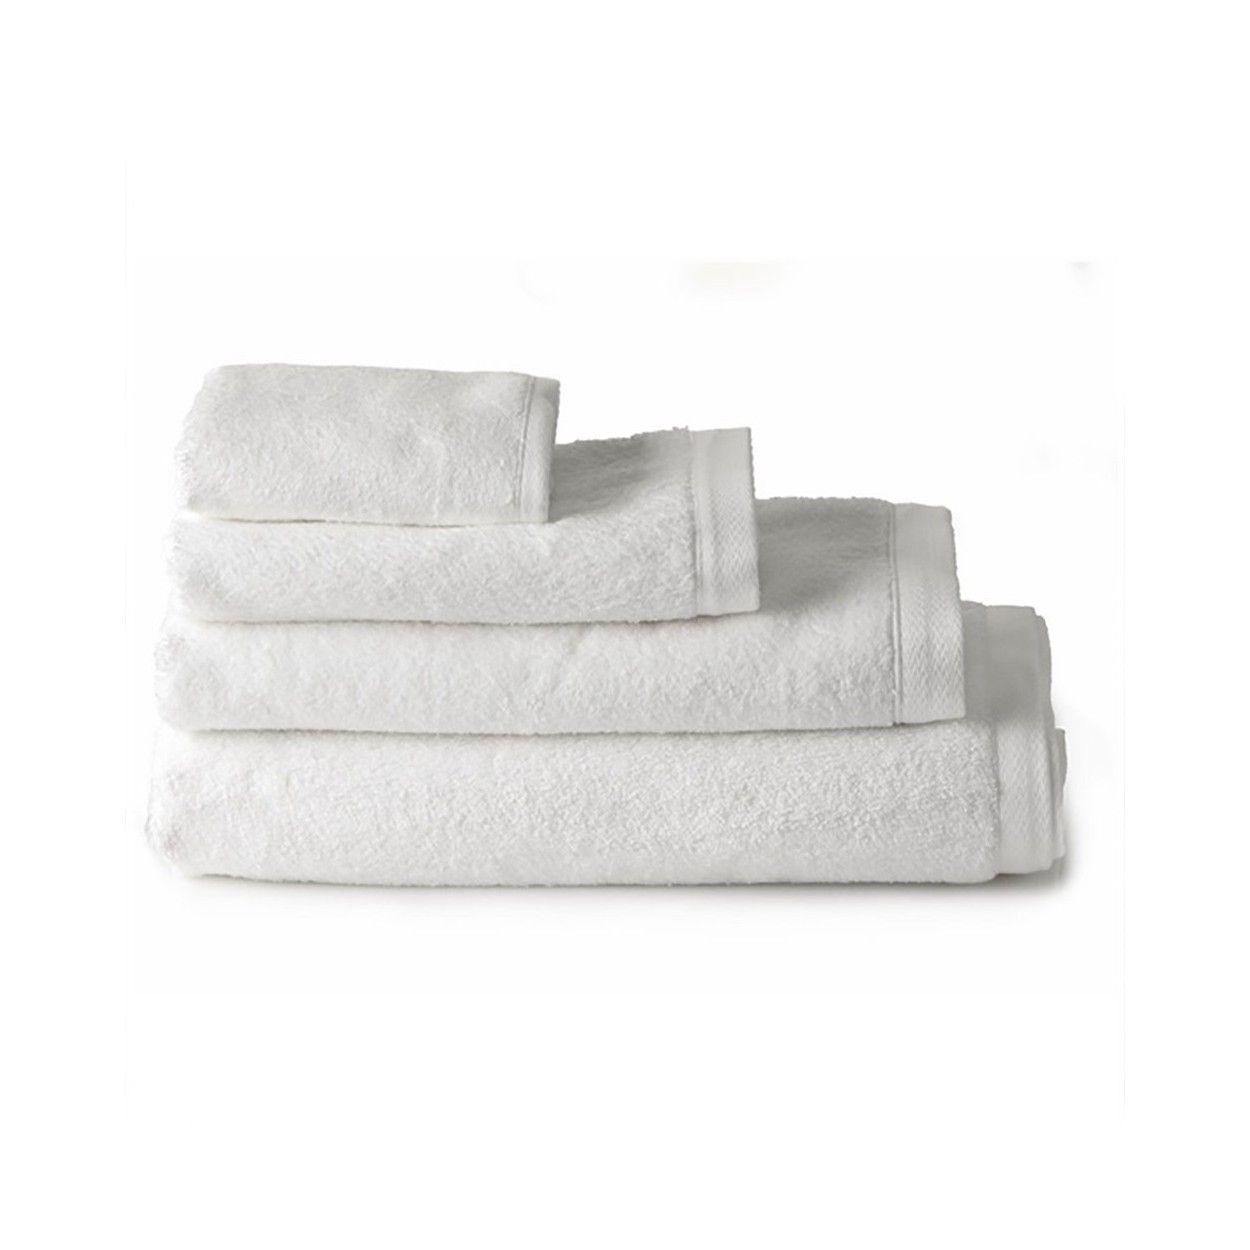 Toalla de ba o s bana algod n blanca 100 x 150 cm hogar y m s - Toallas de algodon ...